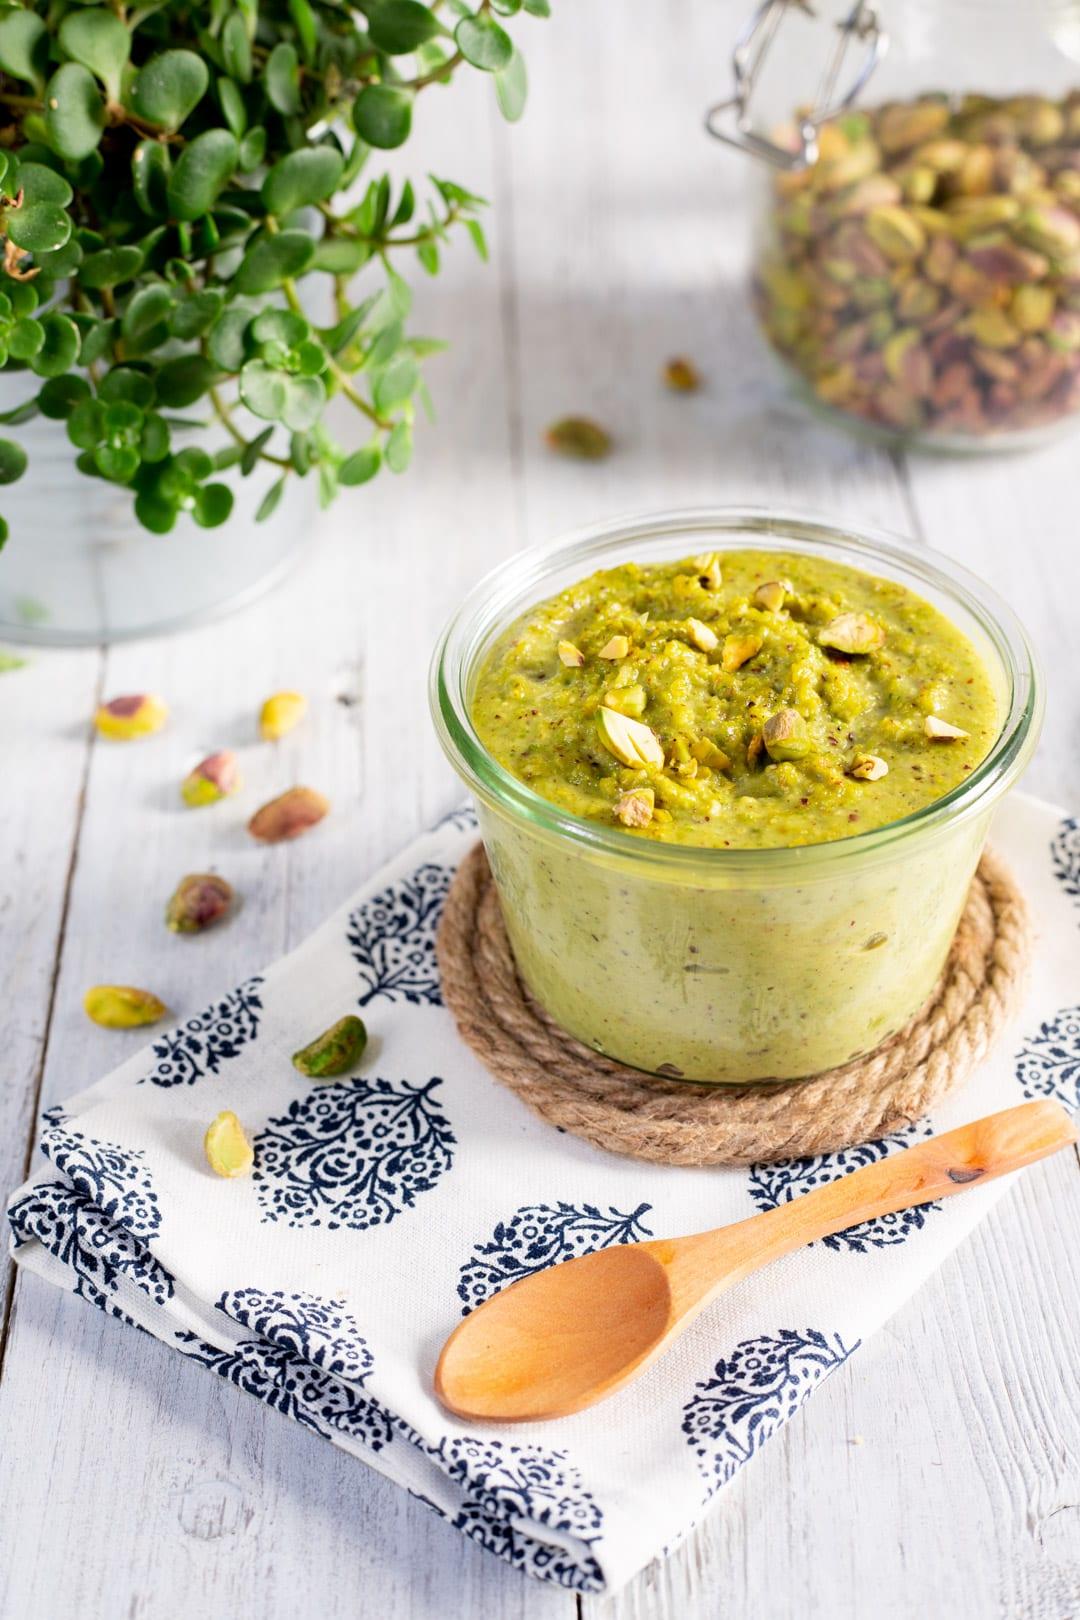 Pesto di pistacchi nel vasetto pronto come condimento